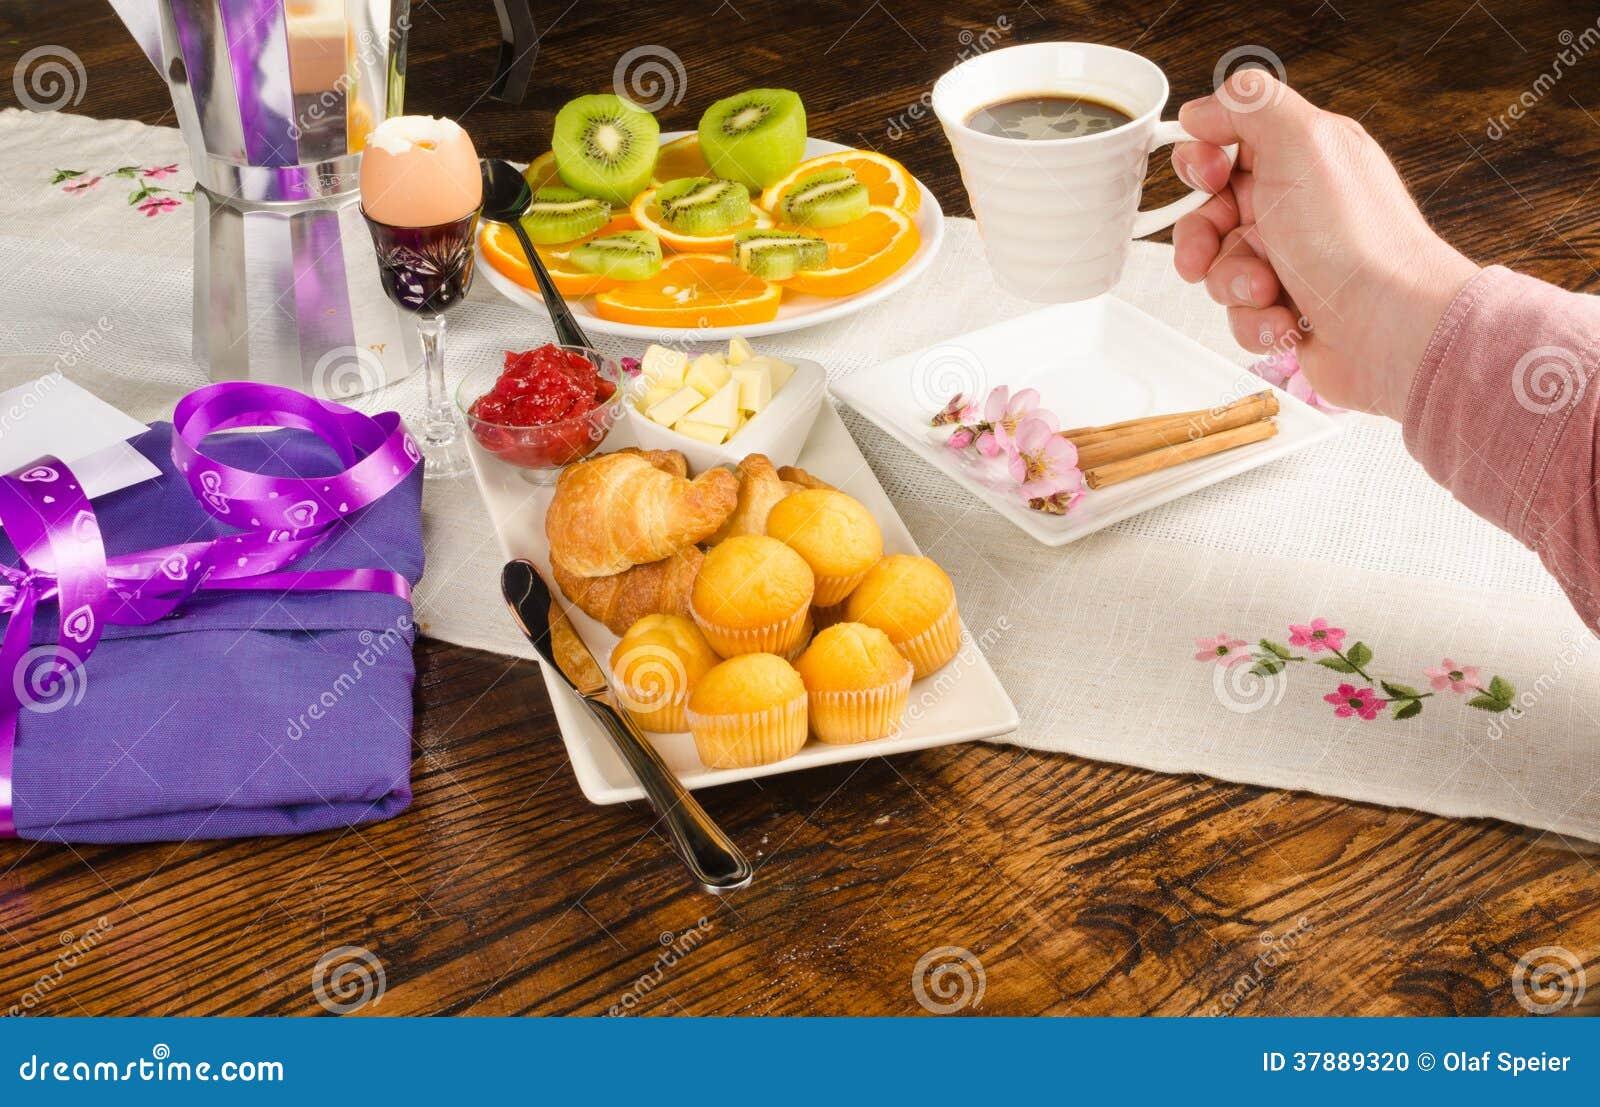 Hand op feestelijk ontbijt